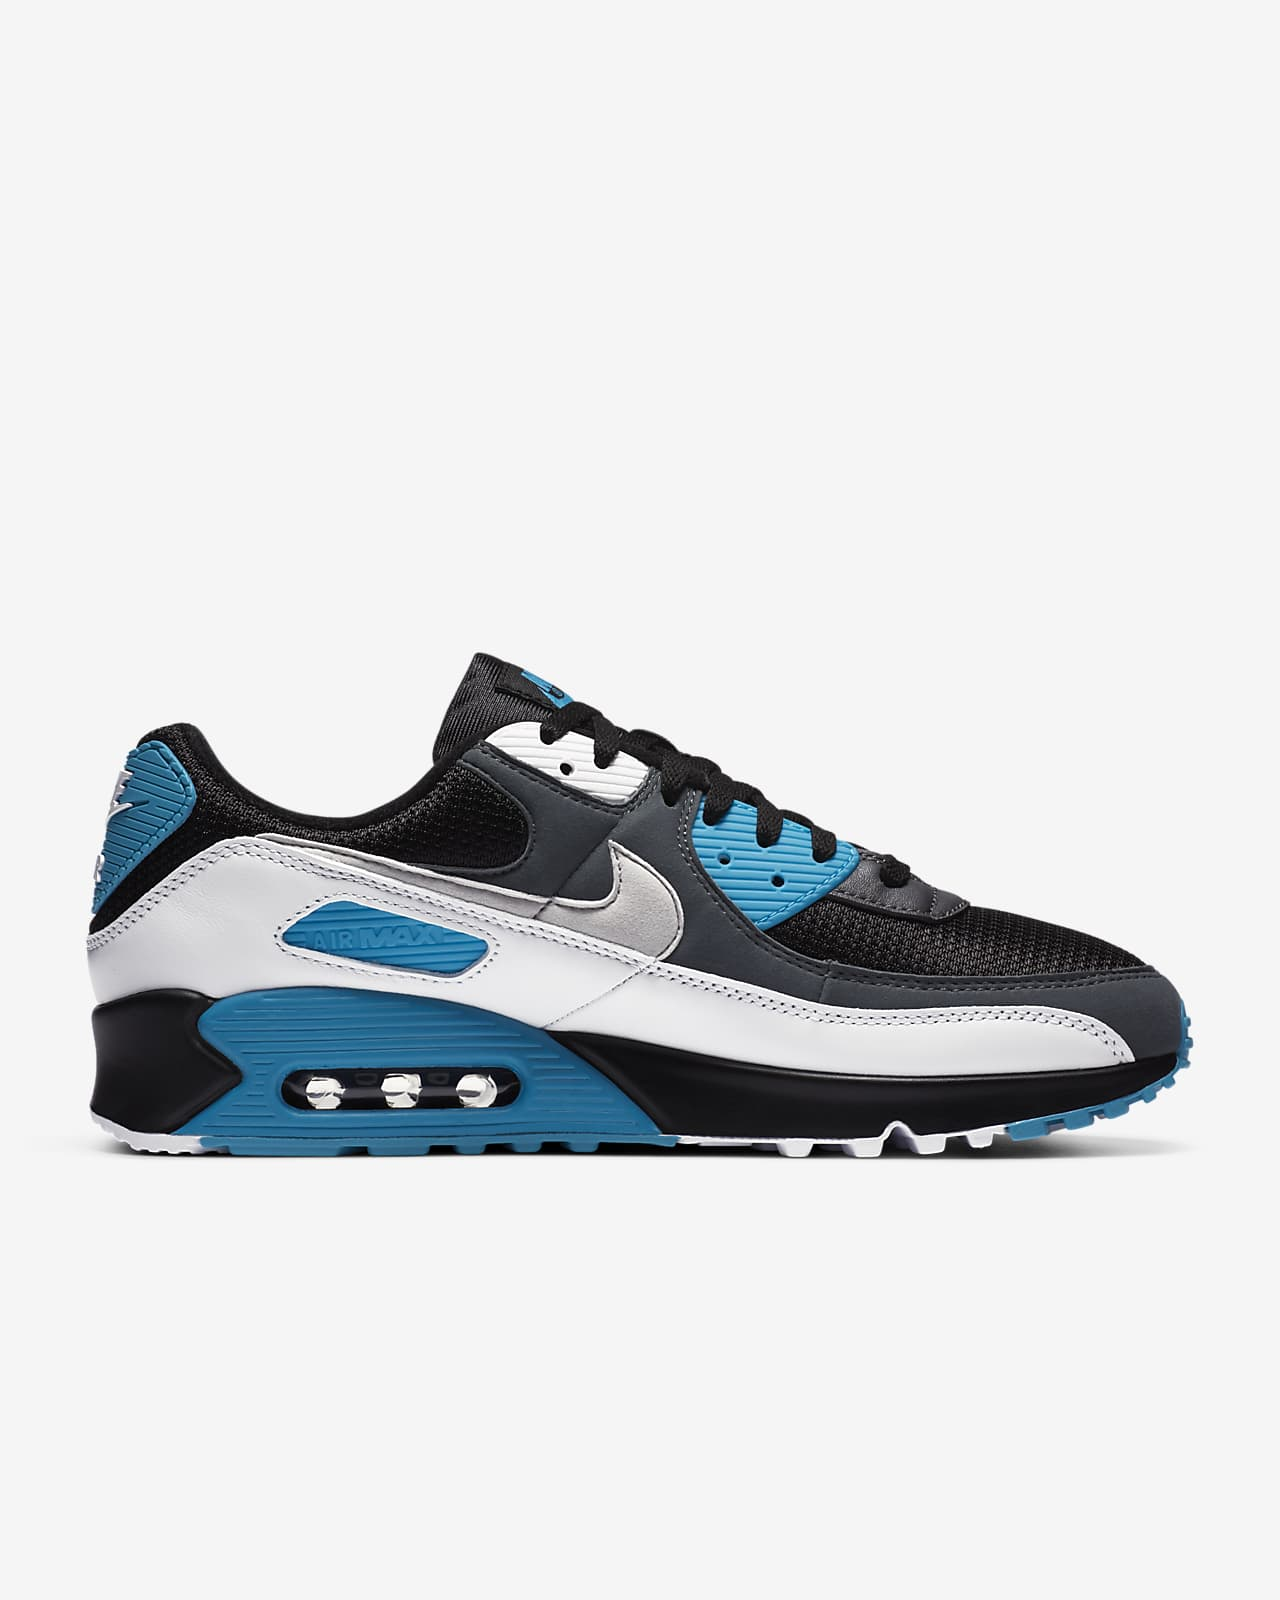 Nike Air Max 90 07 PS BOYS Jungen Schuhe Gr:35 Neu Blau 95